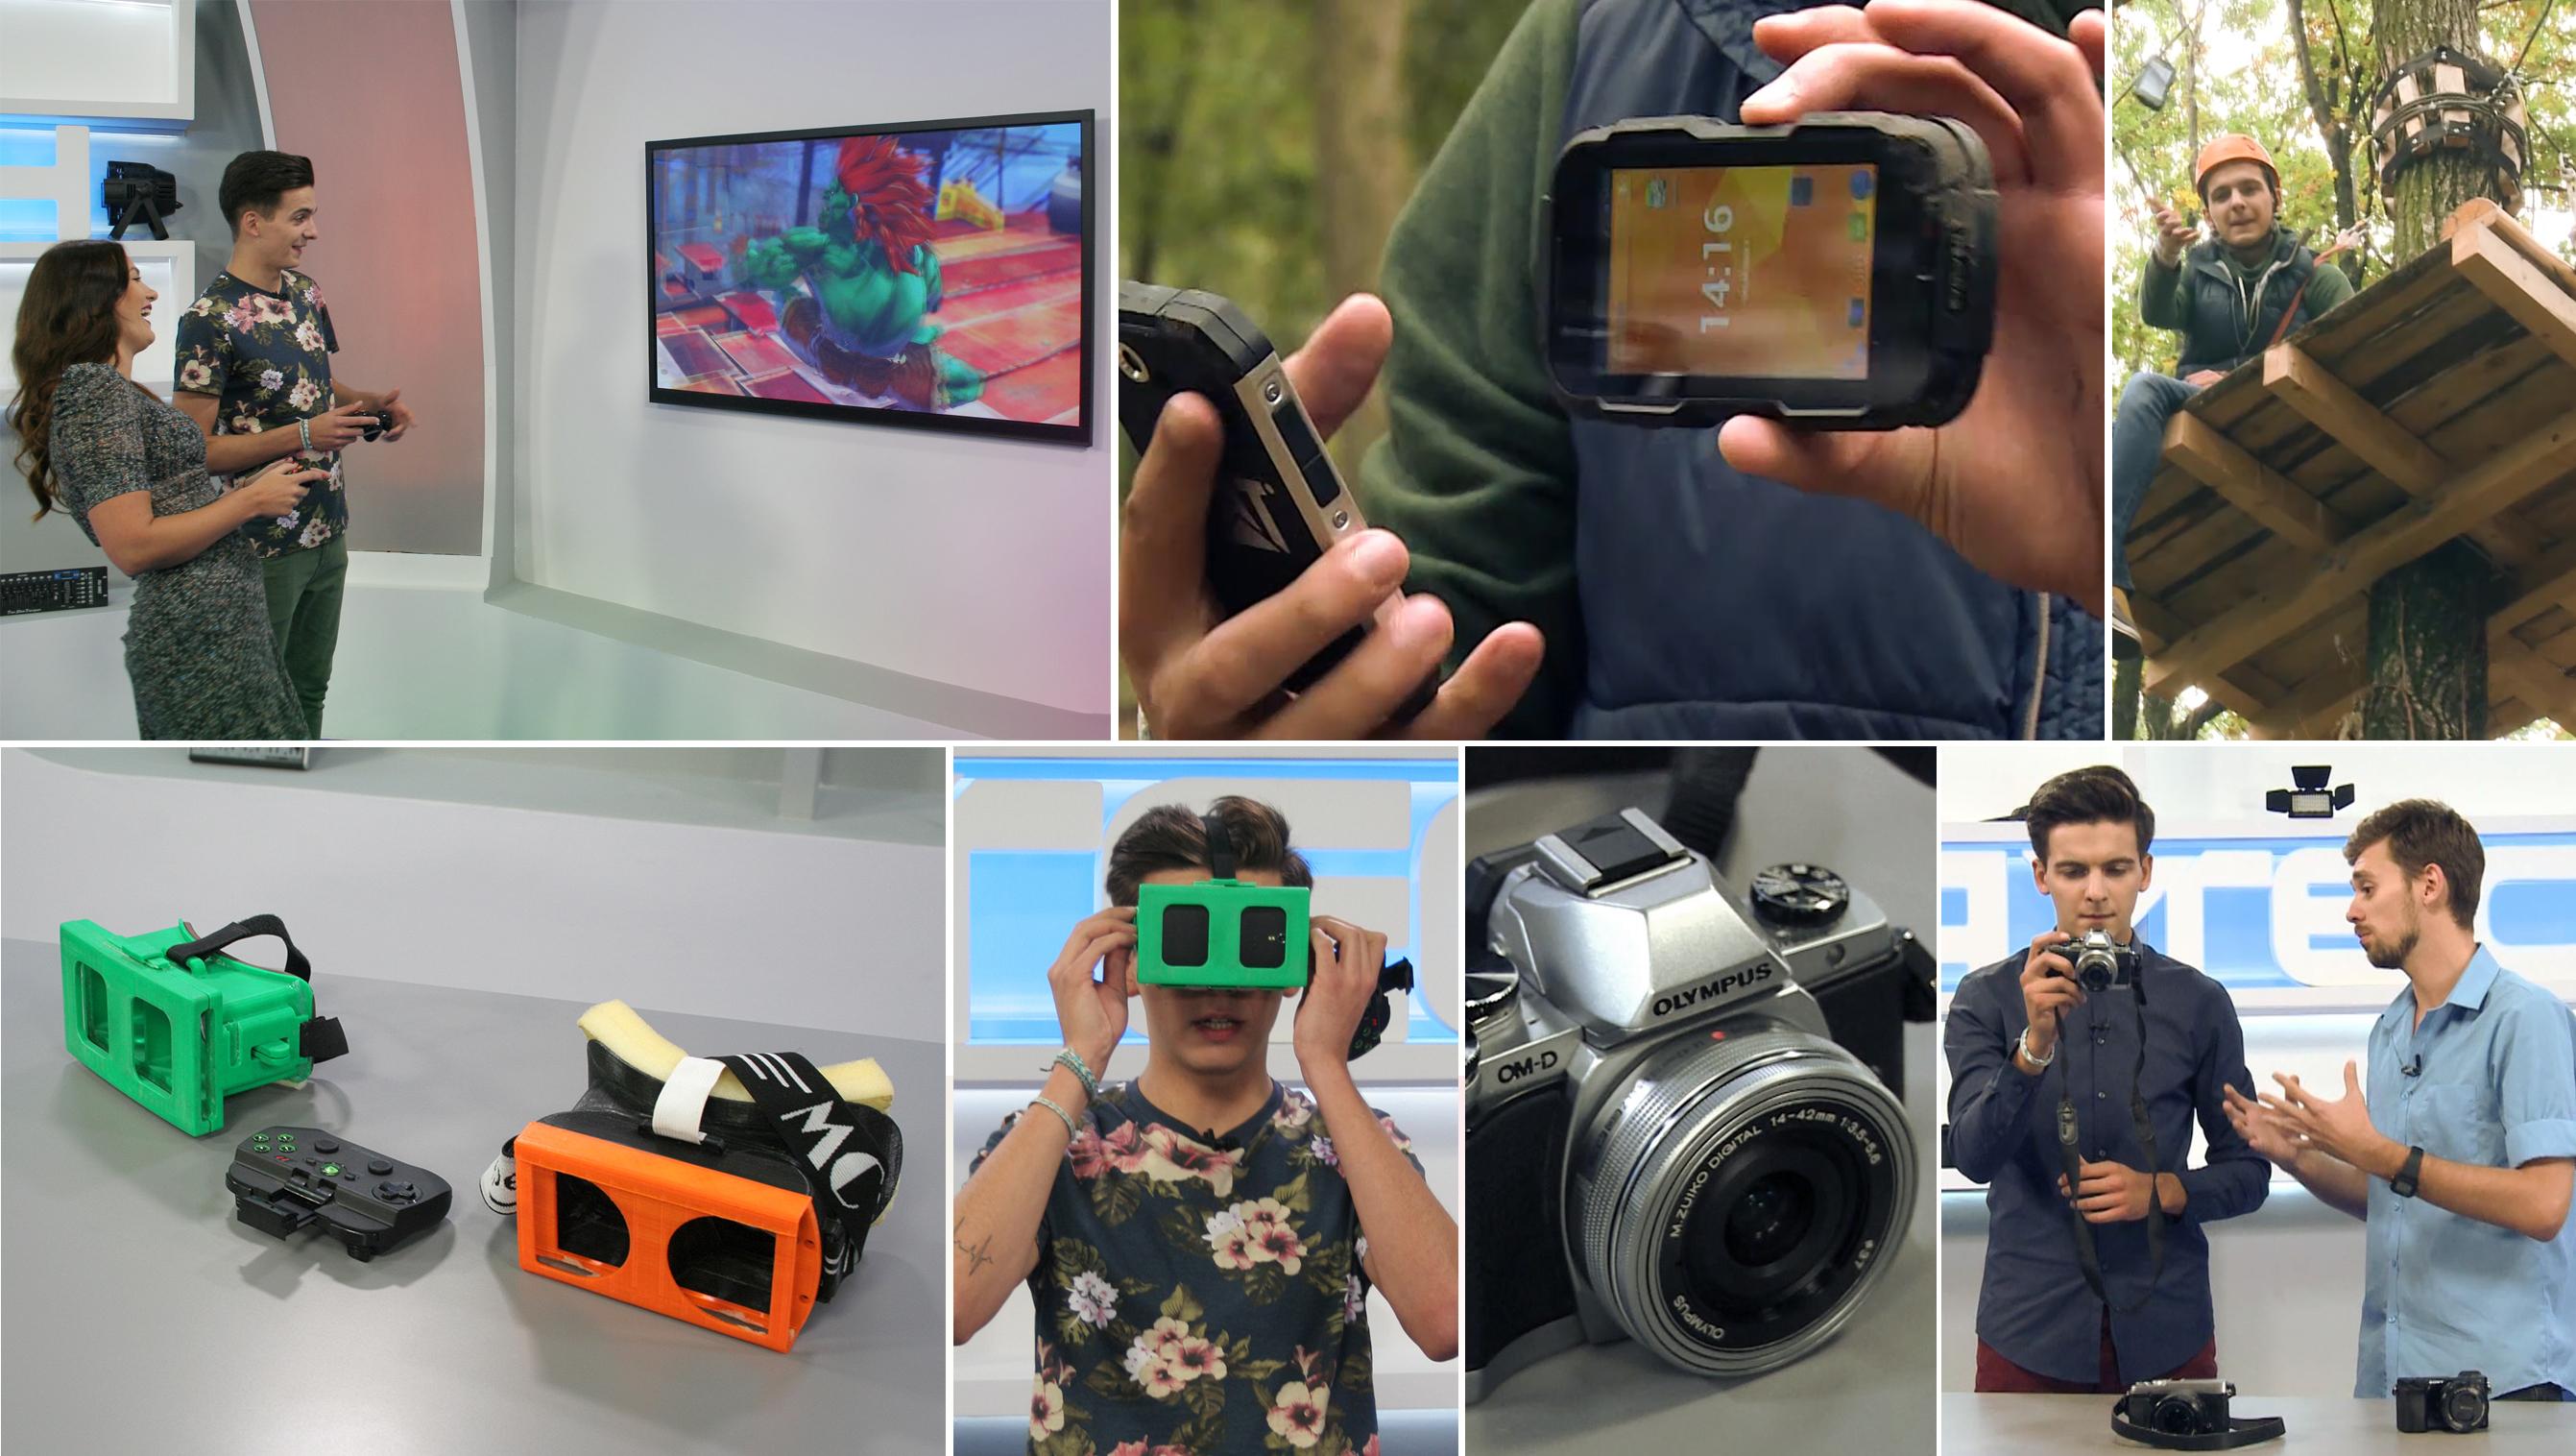 Emisiunea PLAYTECH: Trecem din realitate în realitatea virtuală cu un gadget făcut de un român